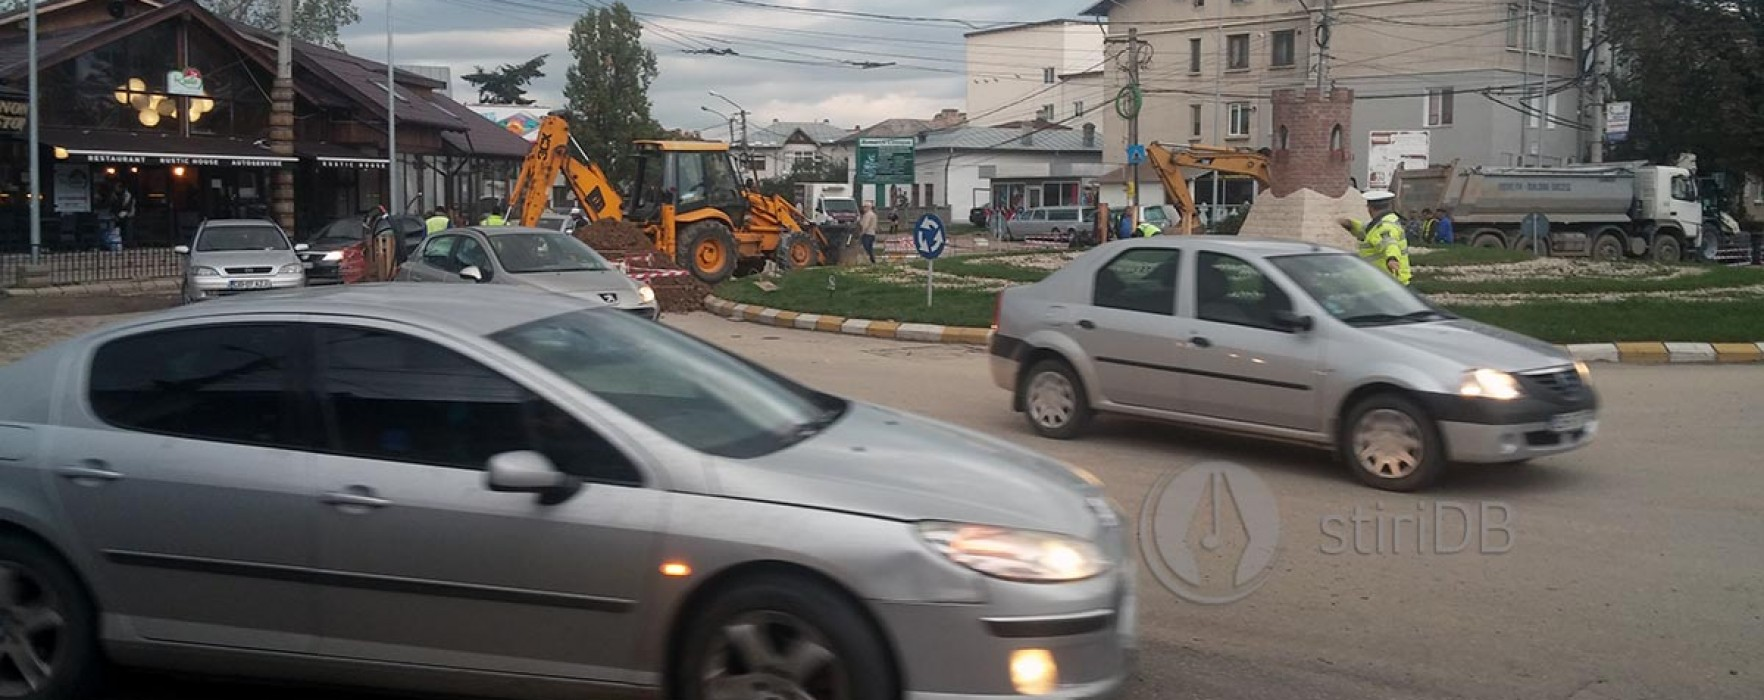 Târgovişte: Circulaţie blocată, sâmbătă, pentru asfaltare în sensul giratoriu de la intersecţia T. Vladimirescu, Băltăreţu şi I.C. Brătianu